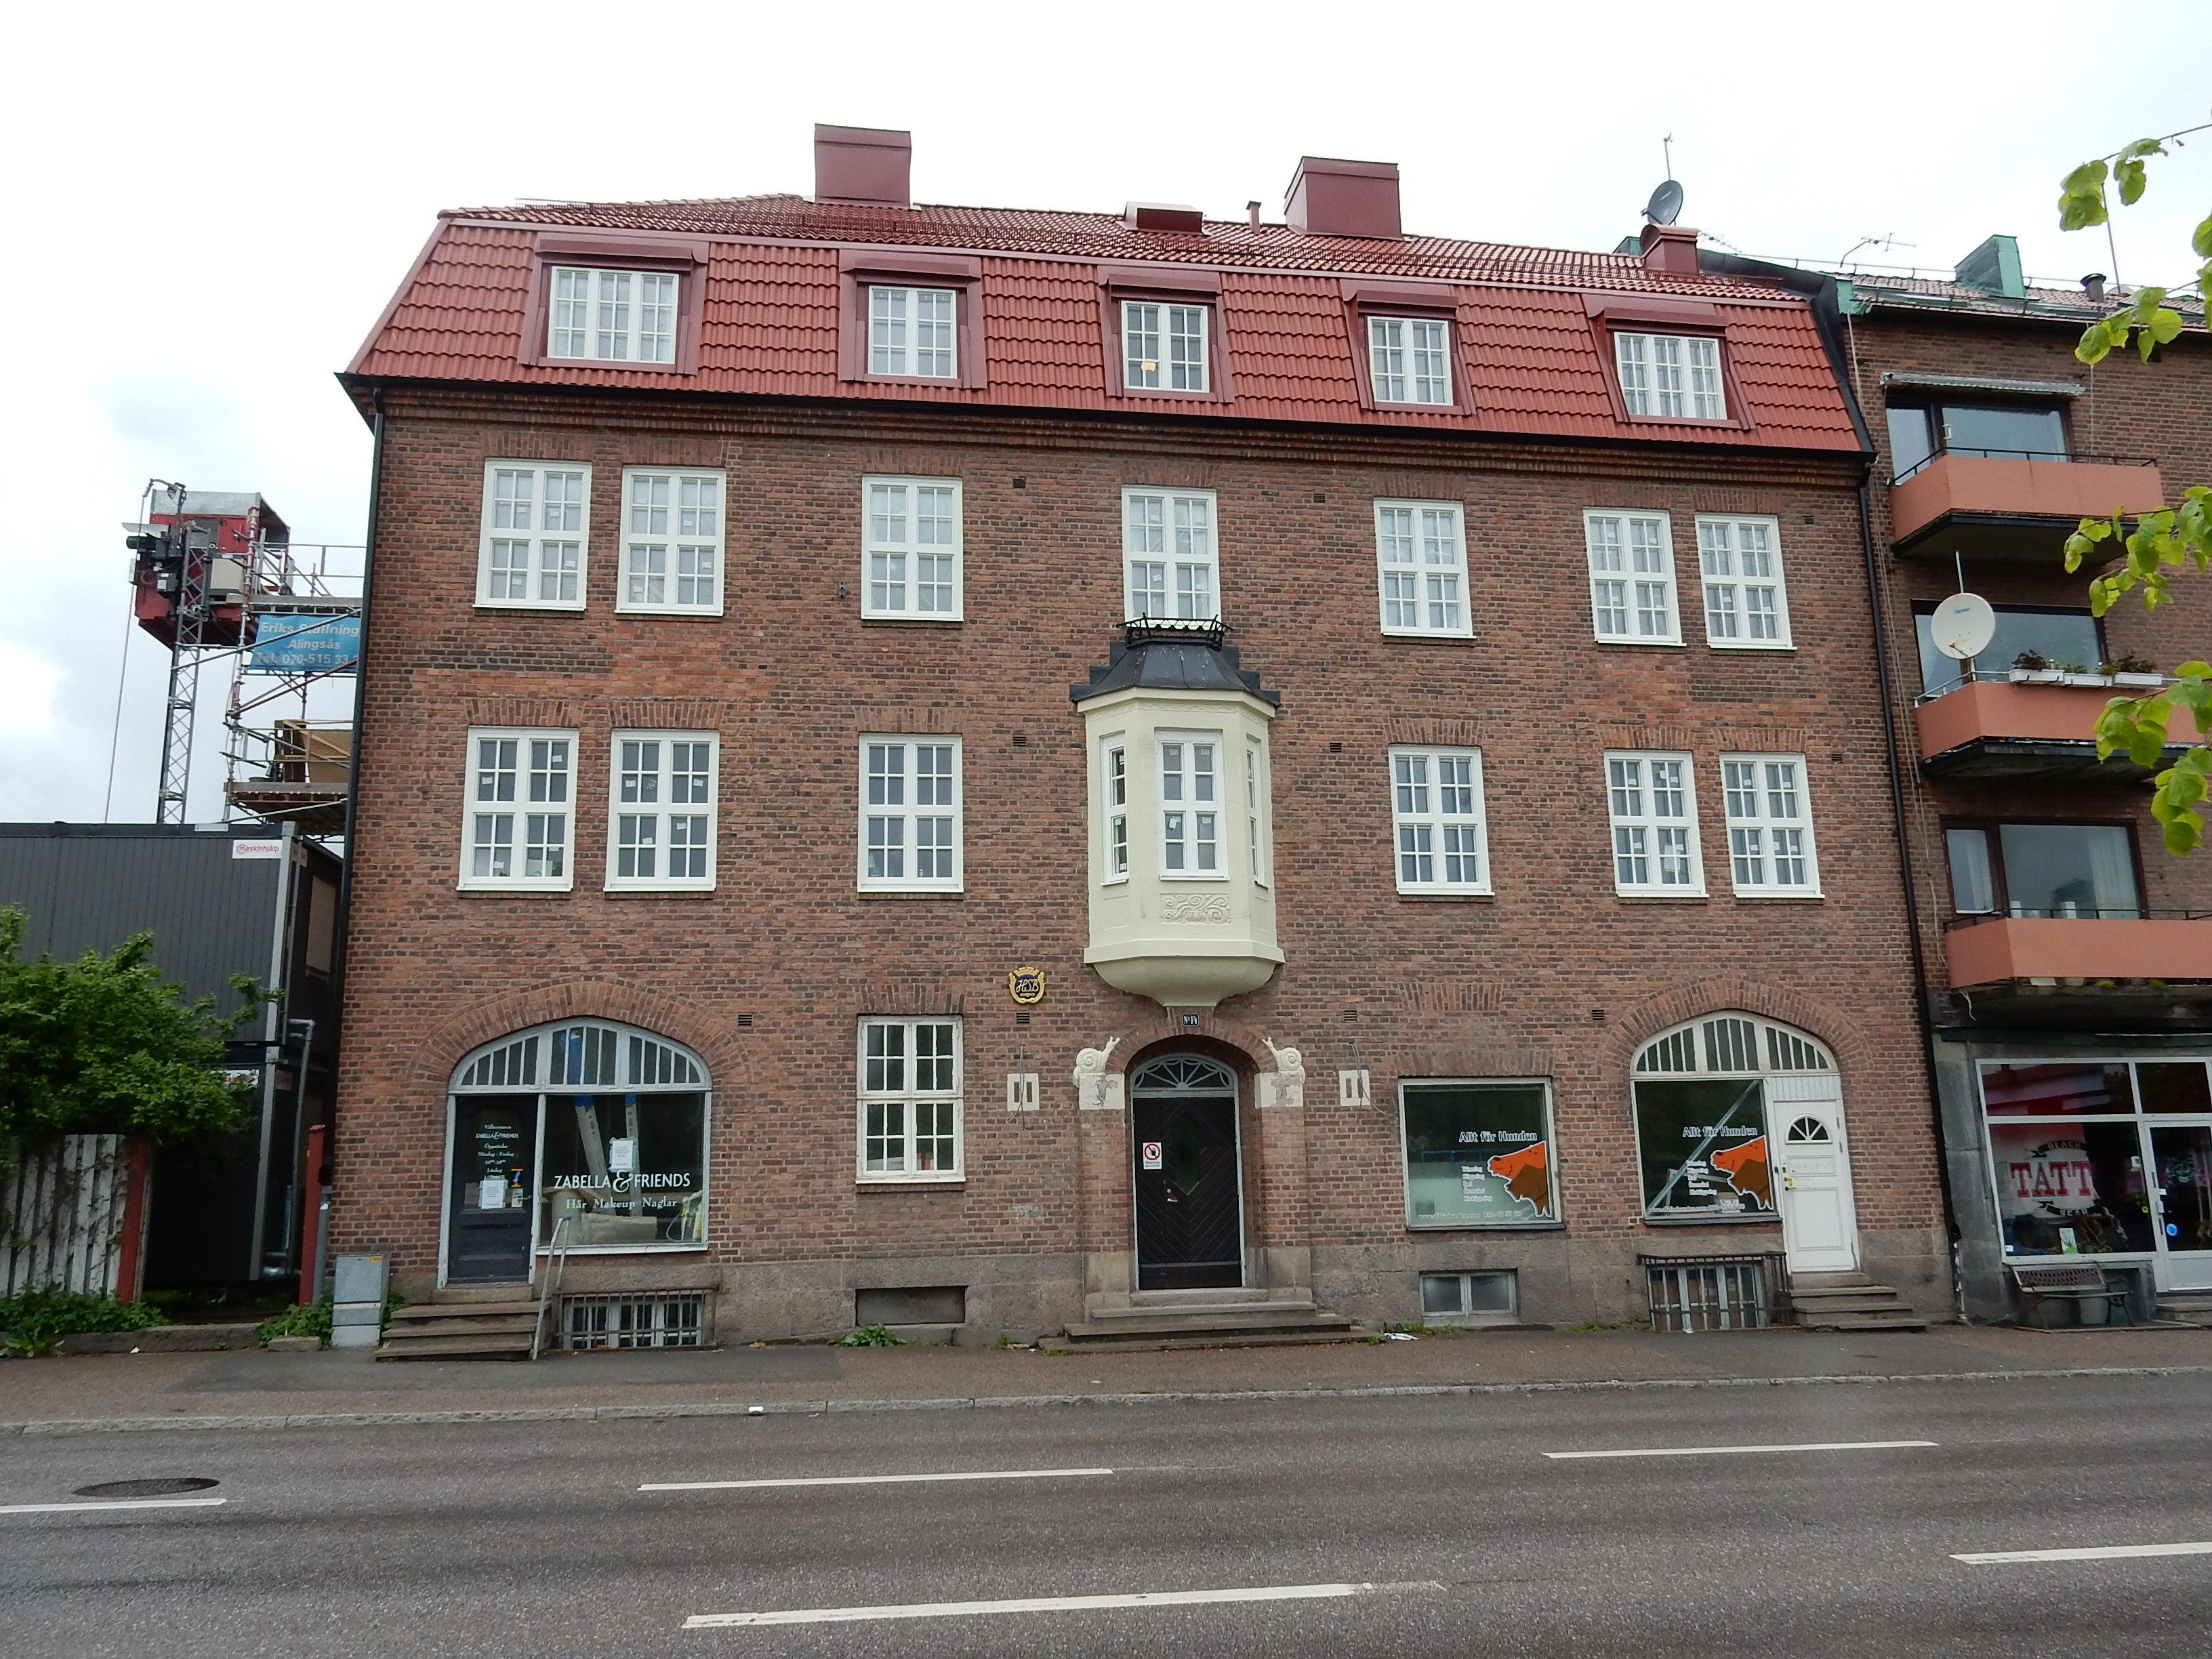 443c8bd8d993 Lägenhet Borås, Jönköping, Huskvarna, Gislaved, Värnamo, Falkenberg ...